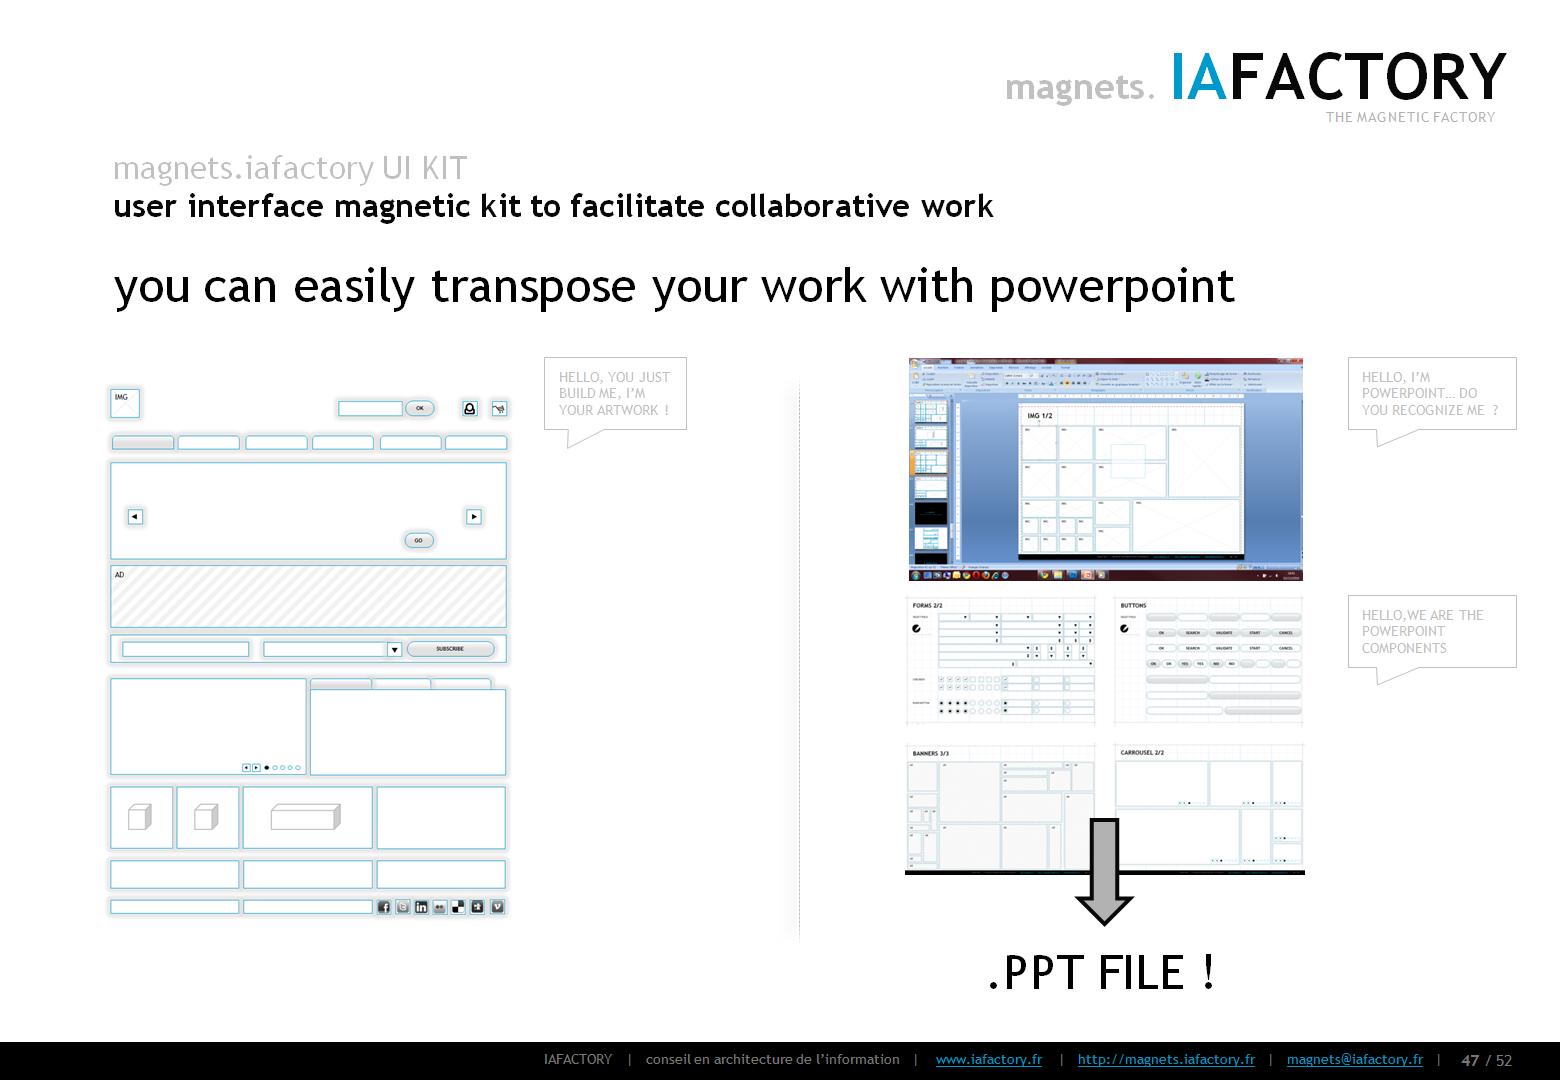 magnets.iafactory (interface utilisateur magnétique) concept 08